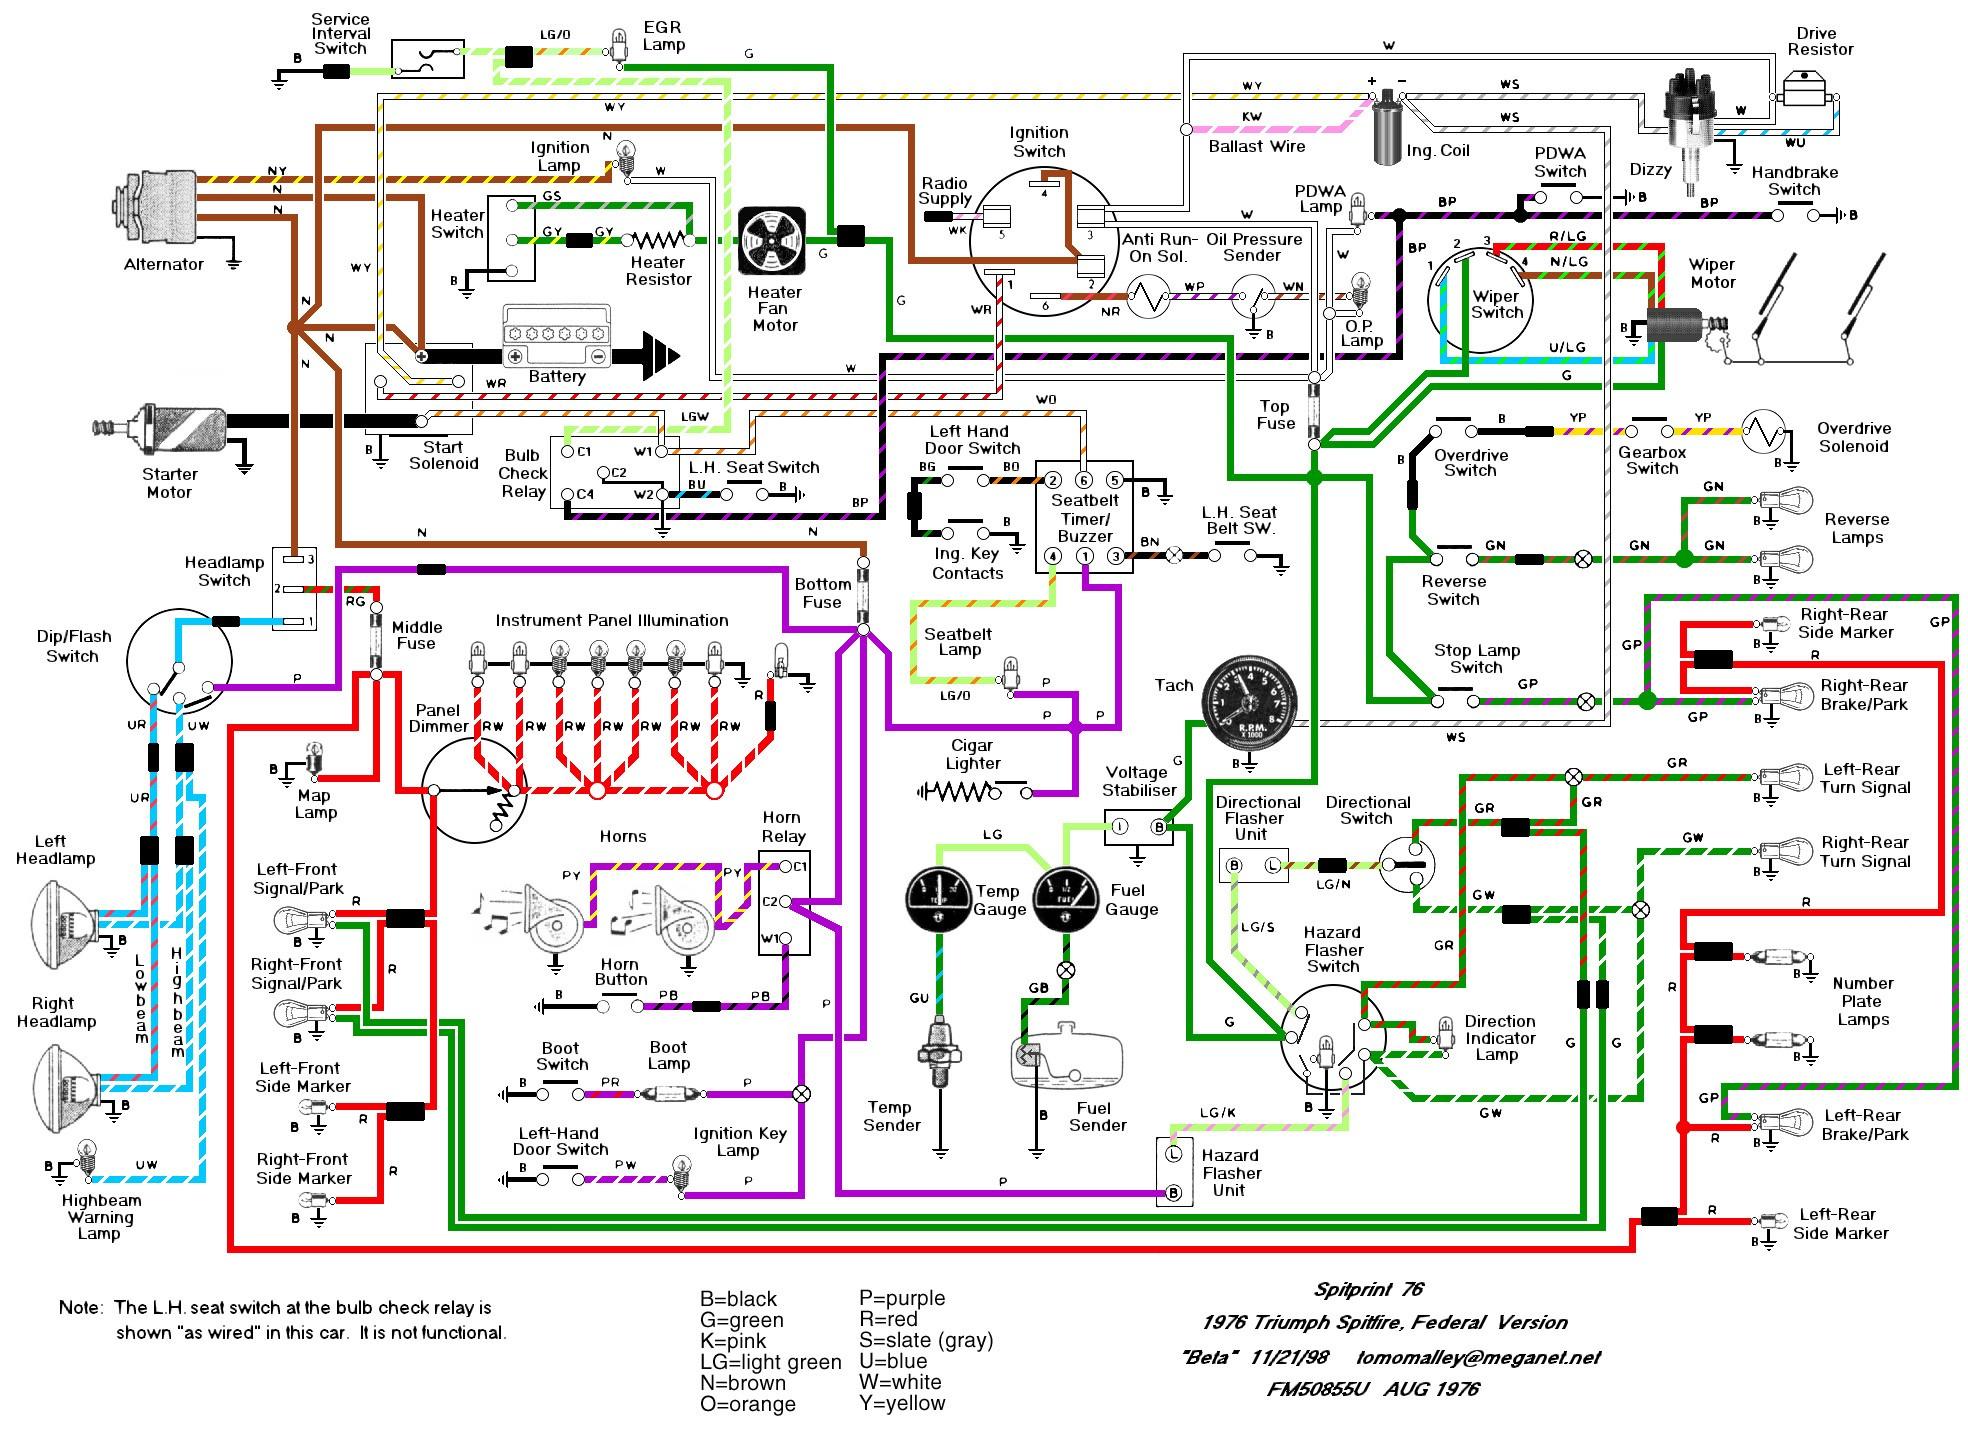 1981 Fxe Wiring Diagram - Whirlpool Cabrio Wiring Schematics - enginee- diagrams.yenpancane.jeanjaures37.frWiring Diagram Resource